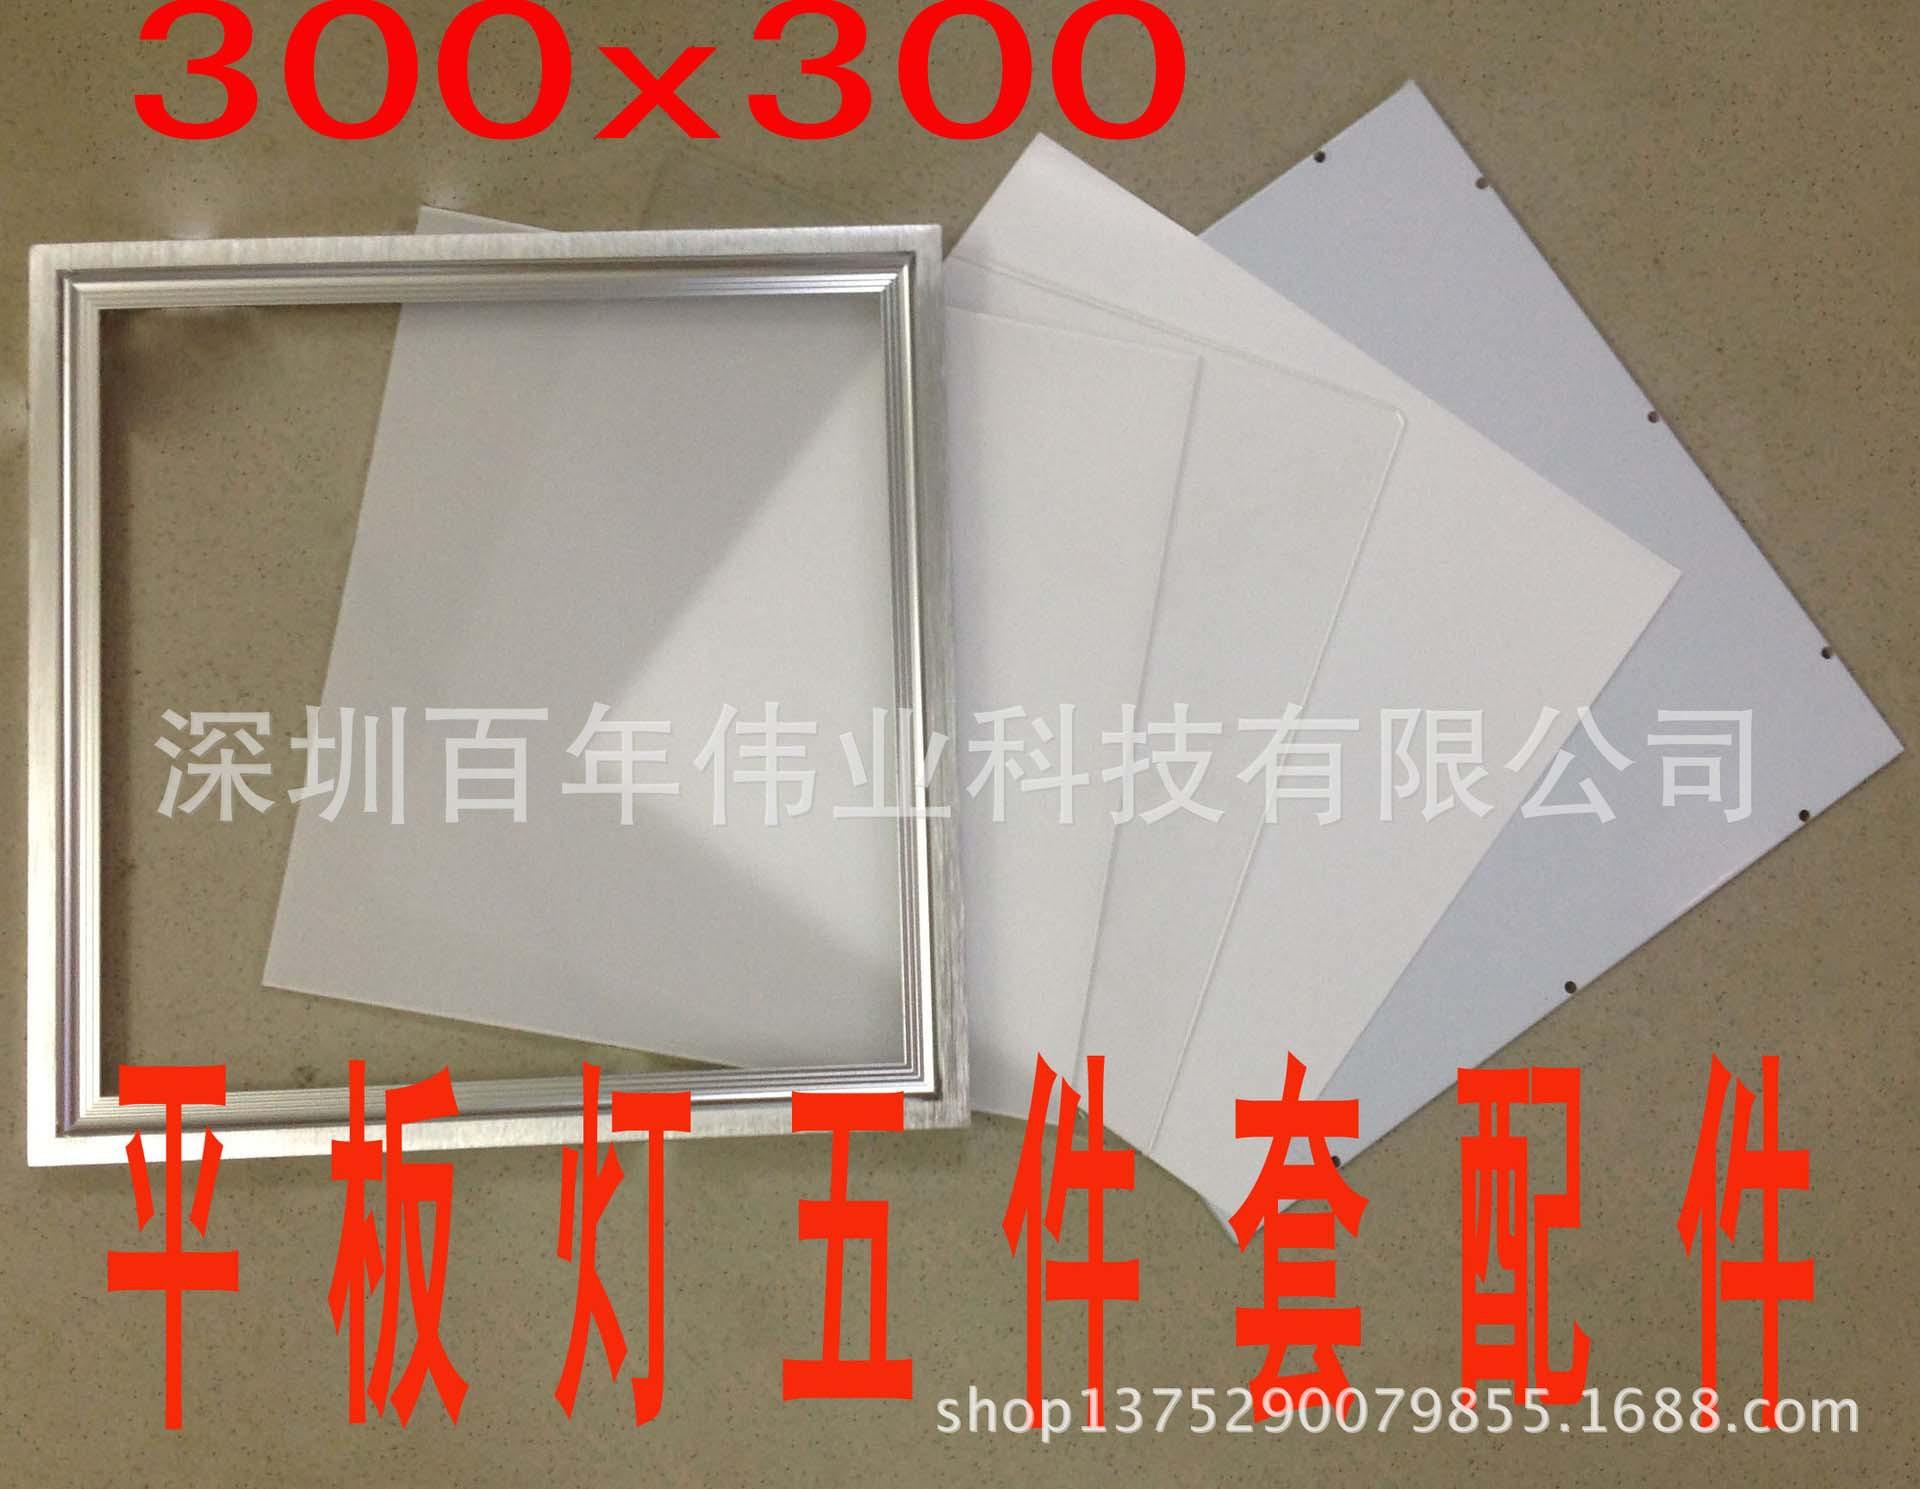 300x300LED平板灯5件套 铝框 导光板 扩散板 反光膜 后盖板